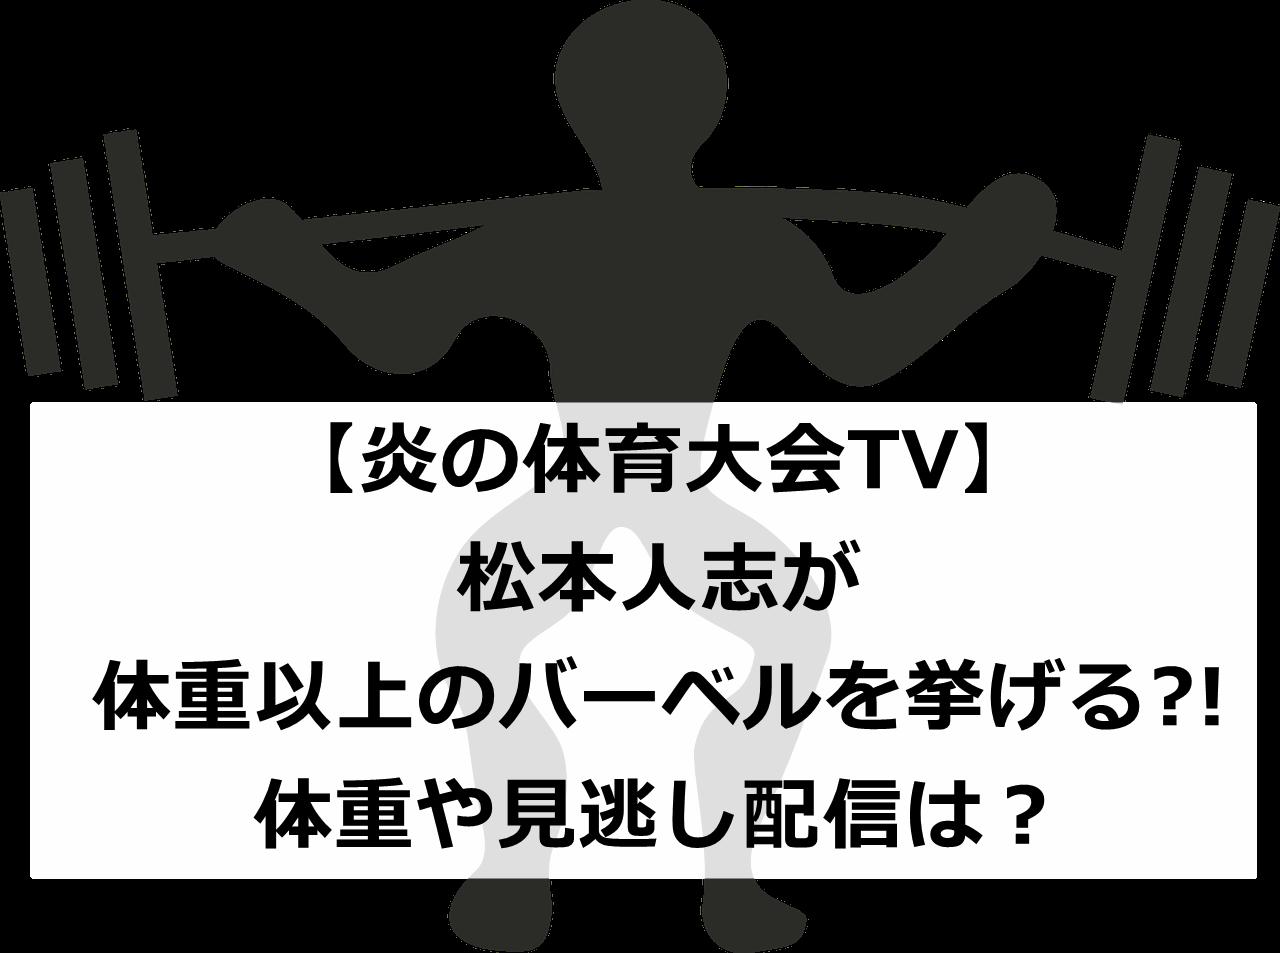 【炎の体育大会】松本人志の体重は何キロ?驚愕!バーベルは何回まで挙がったのか